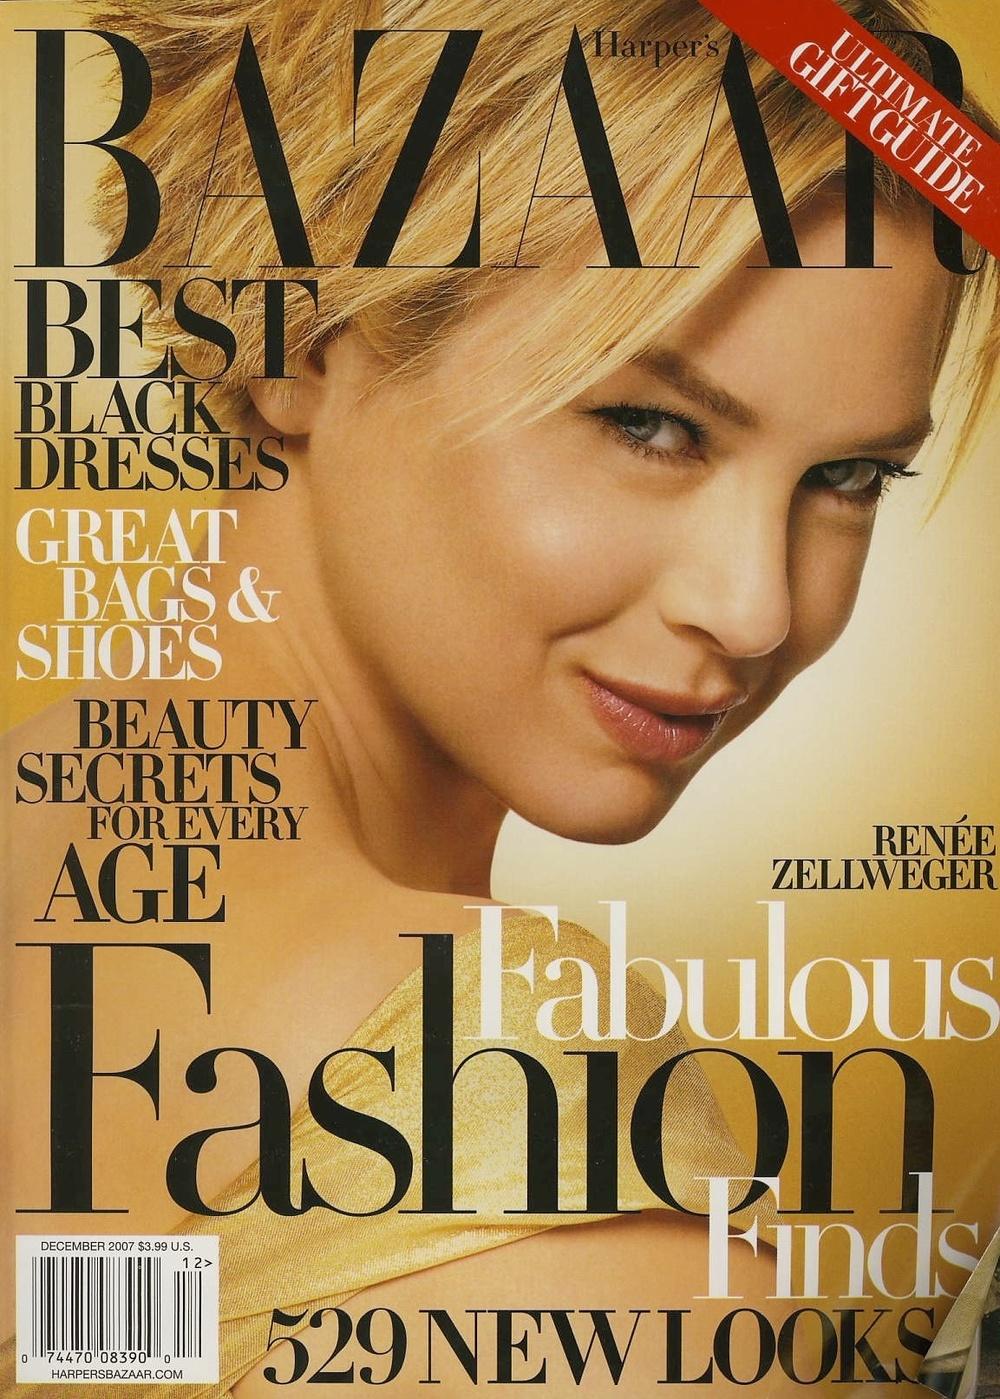 Bazaar 07.12 copy.jpg